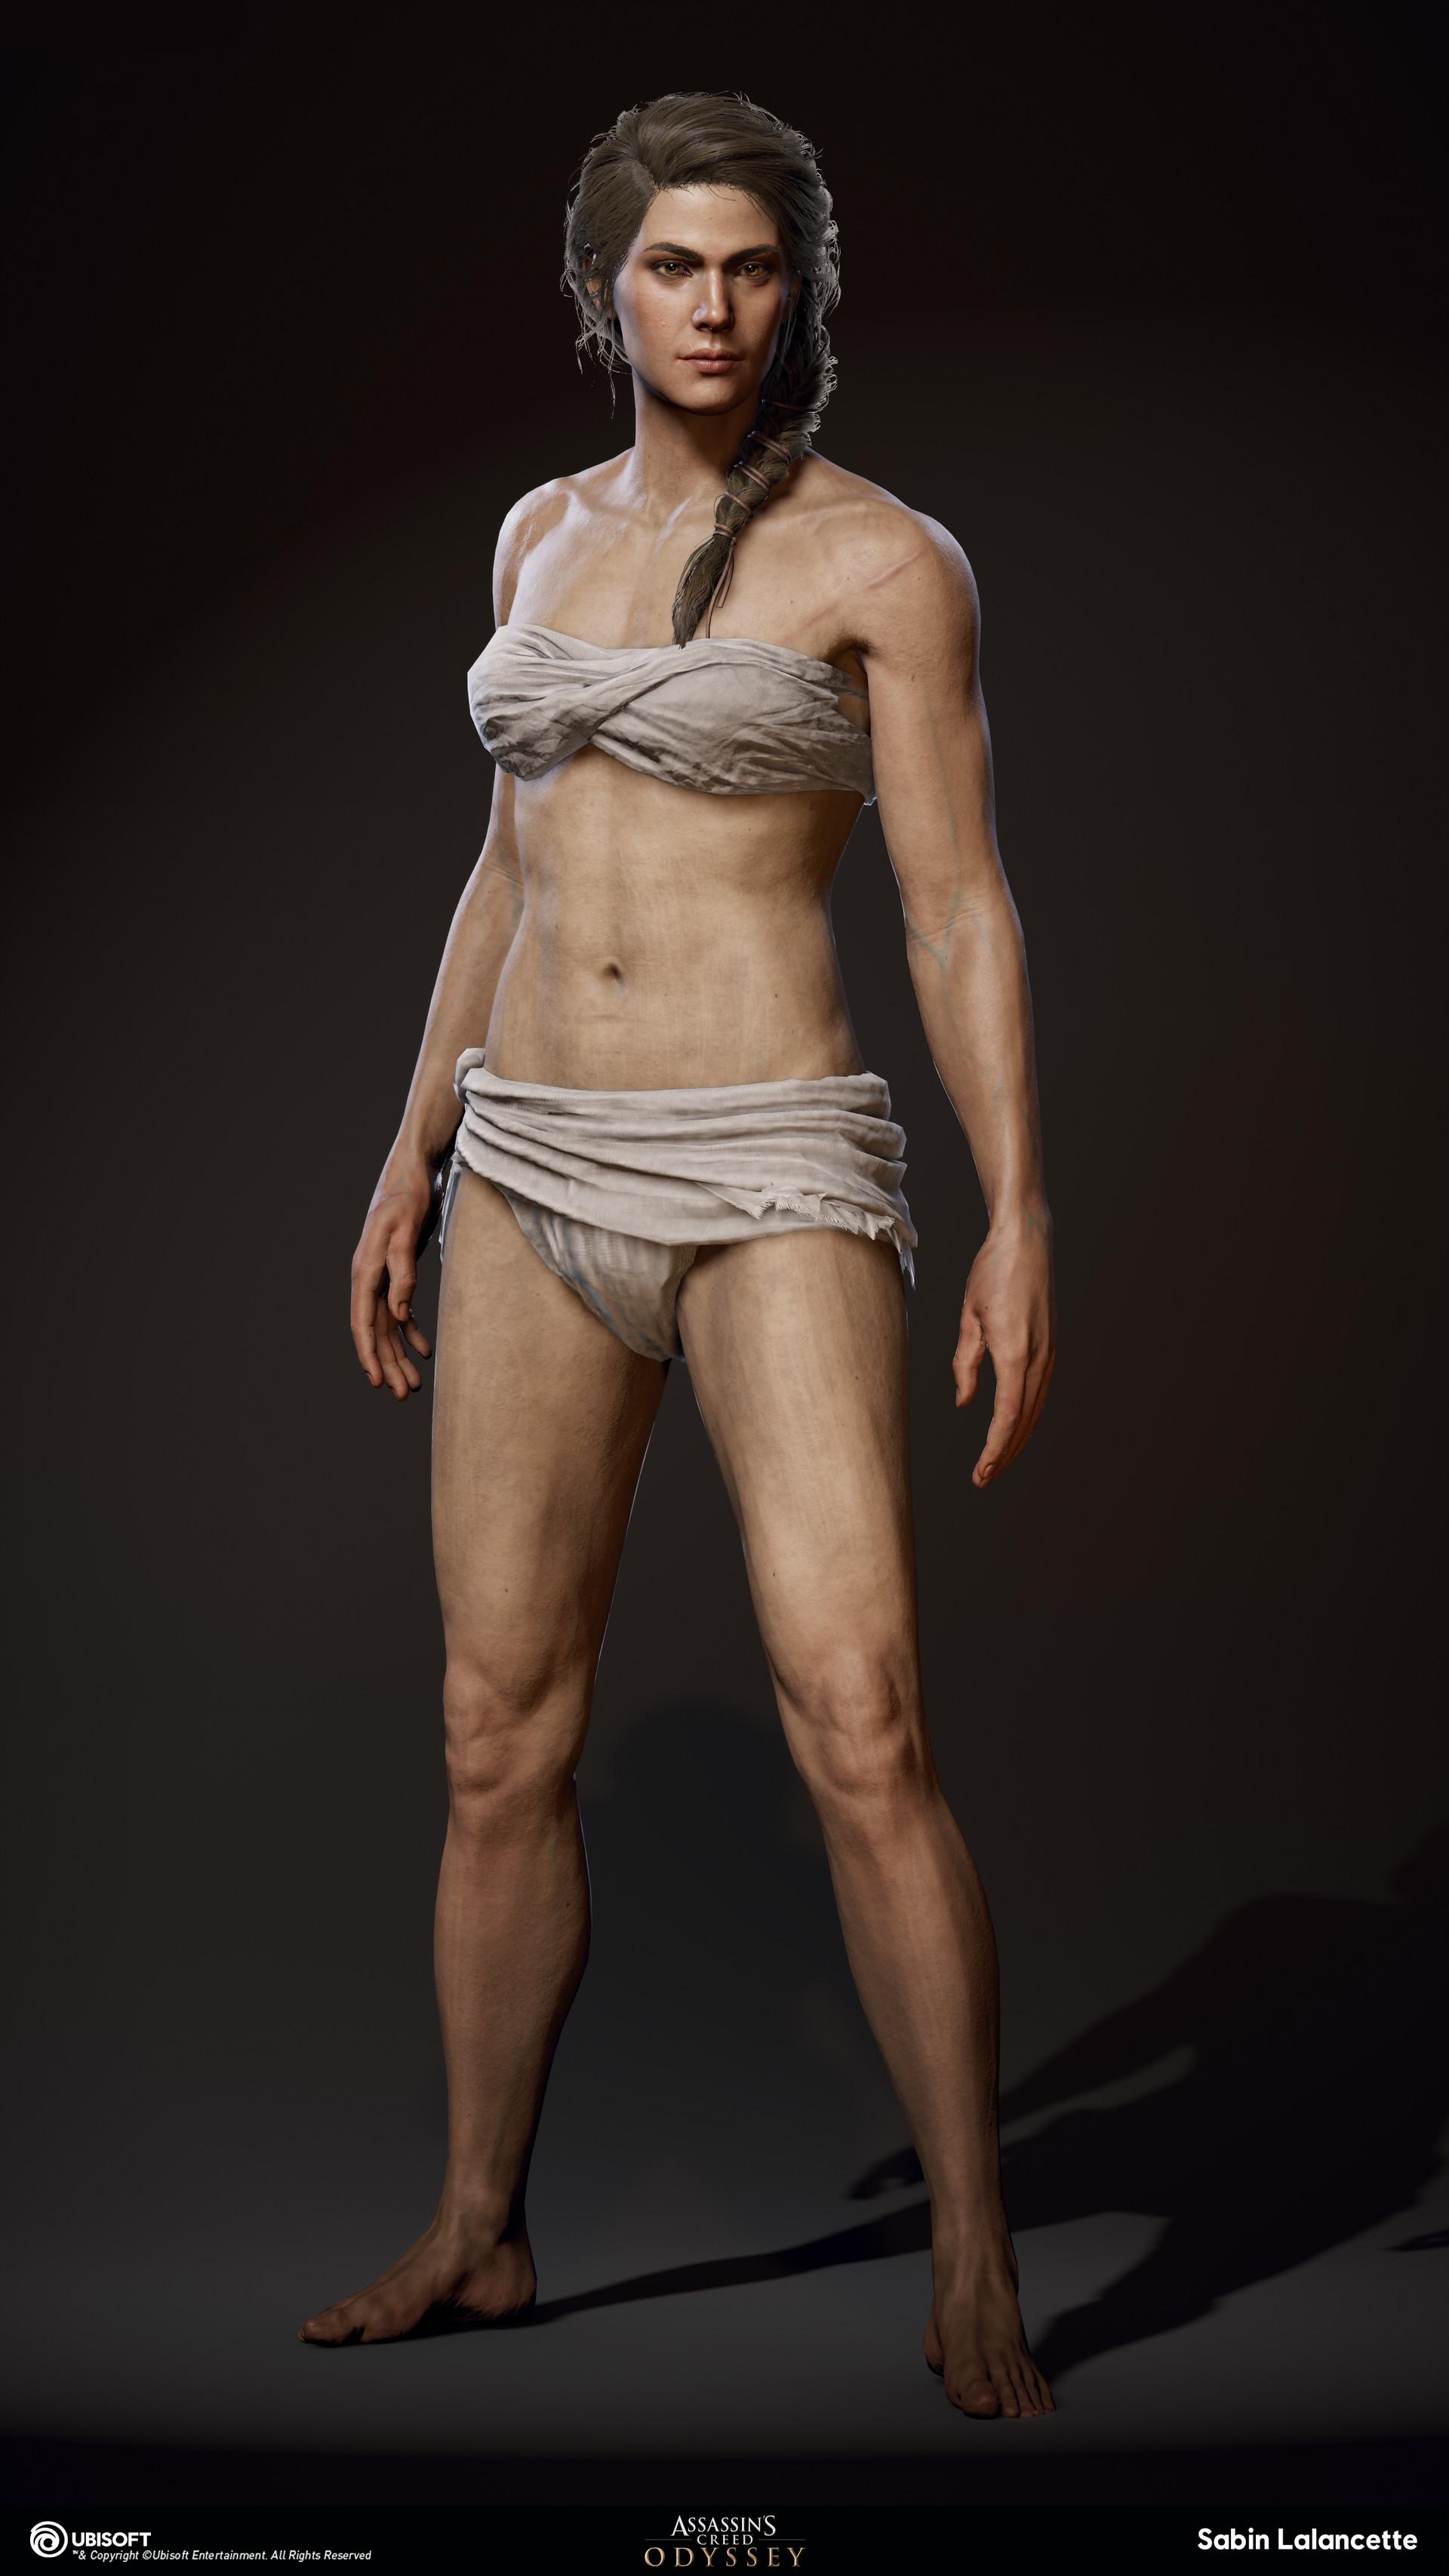 Sabin lalancette artblast fullsize body front kassandra slalancette